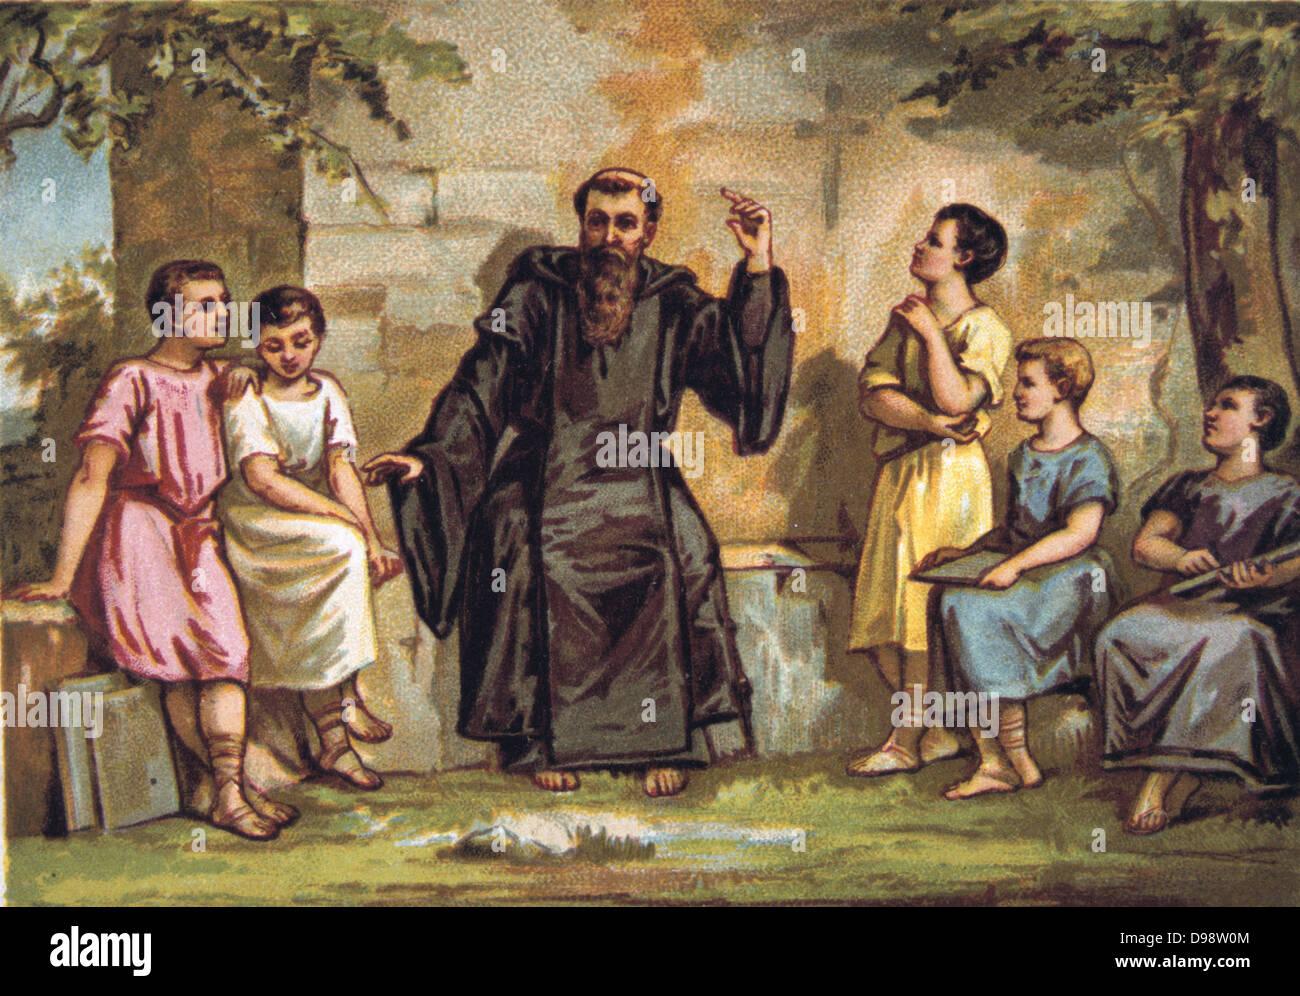 St Benedict of Nursia Saint Benedictines Founder Western Monasticism Catholic Saints Umbria 2012 Details